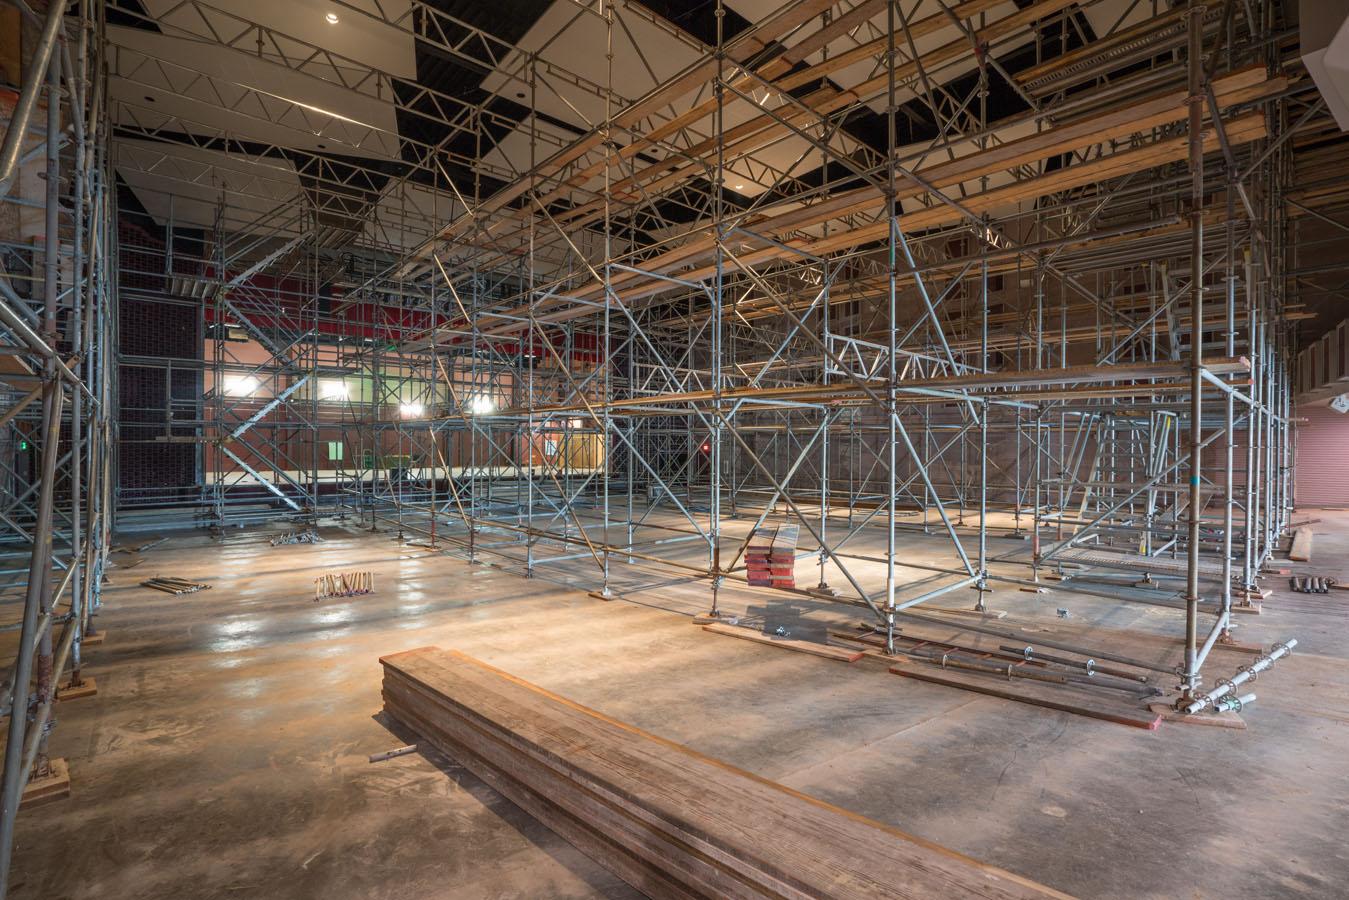 Lee HS Auditorium